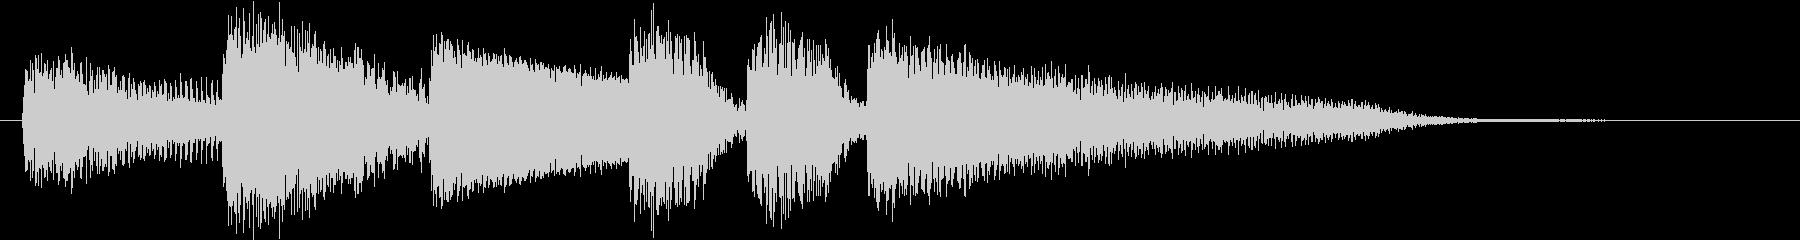 ブルージーなジャズピアノジングル3の未再生の波形